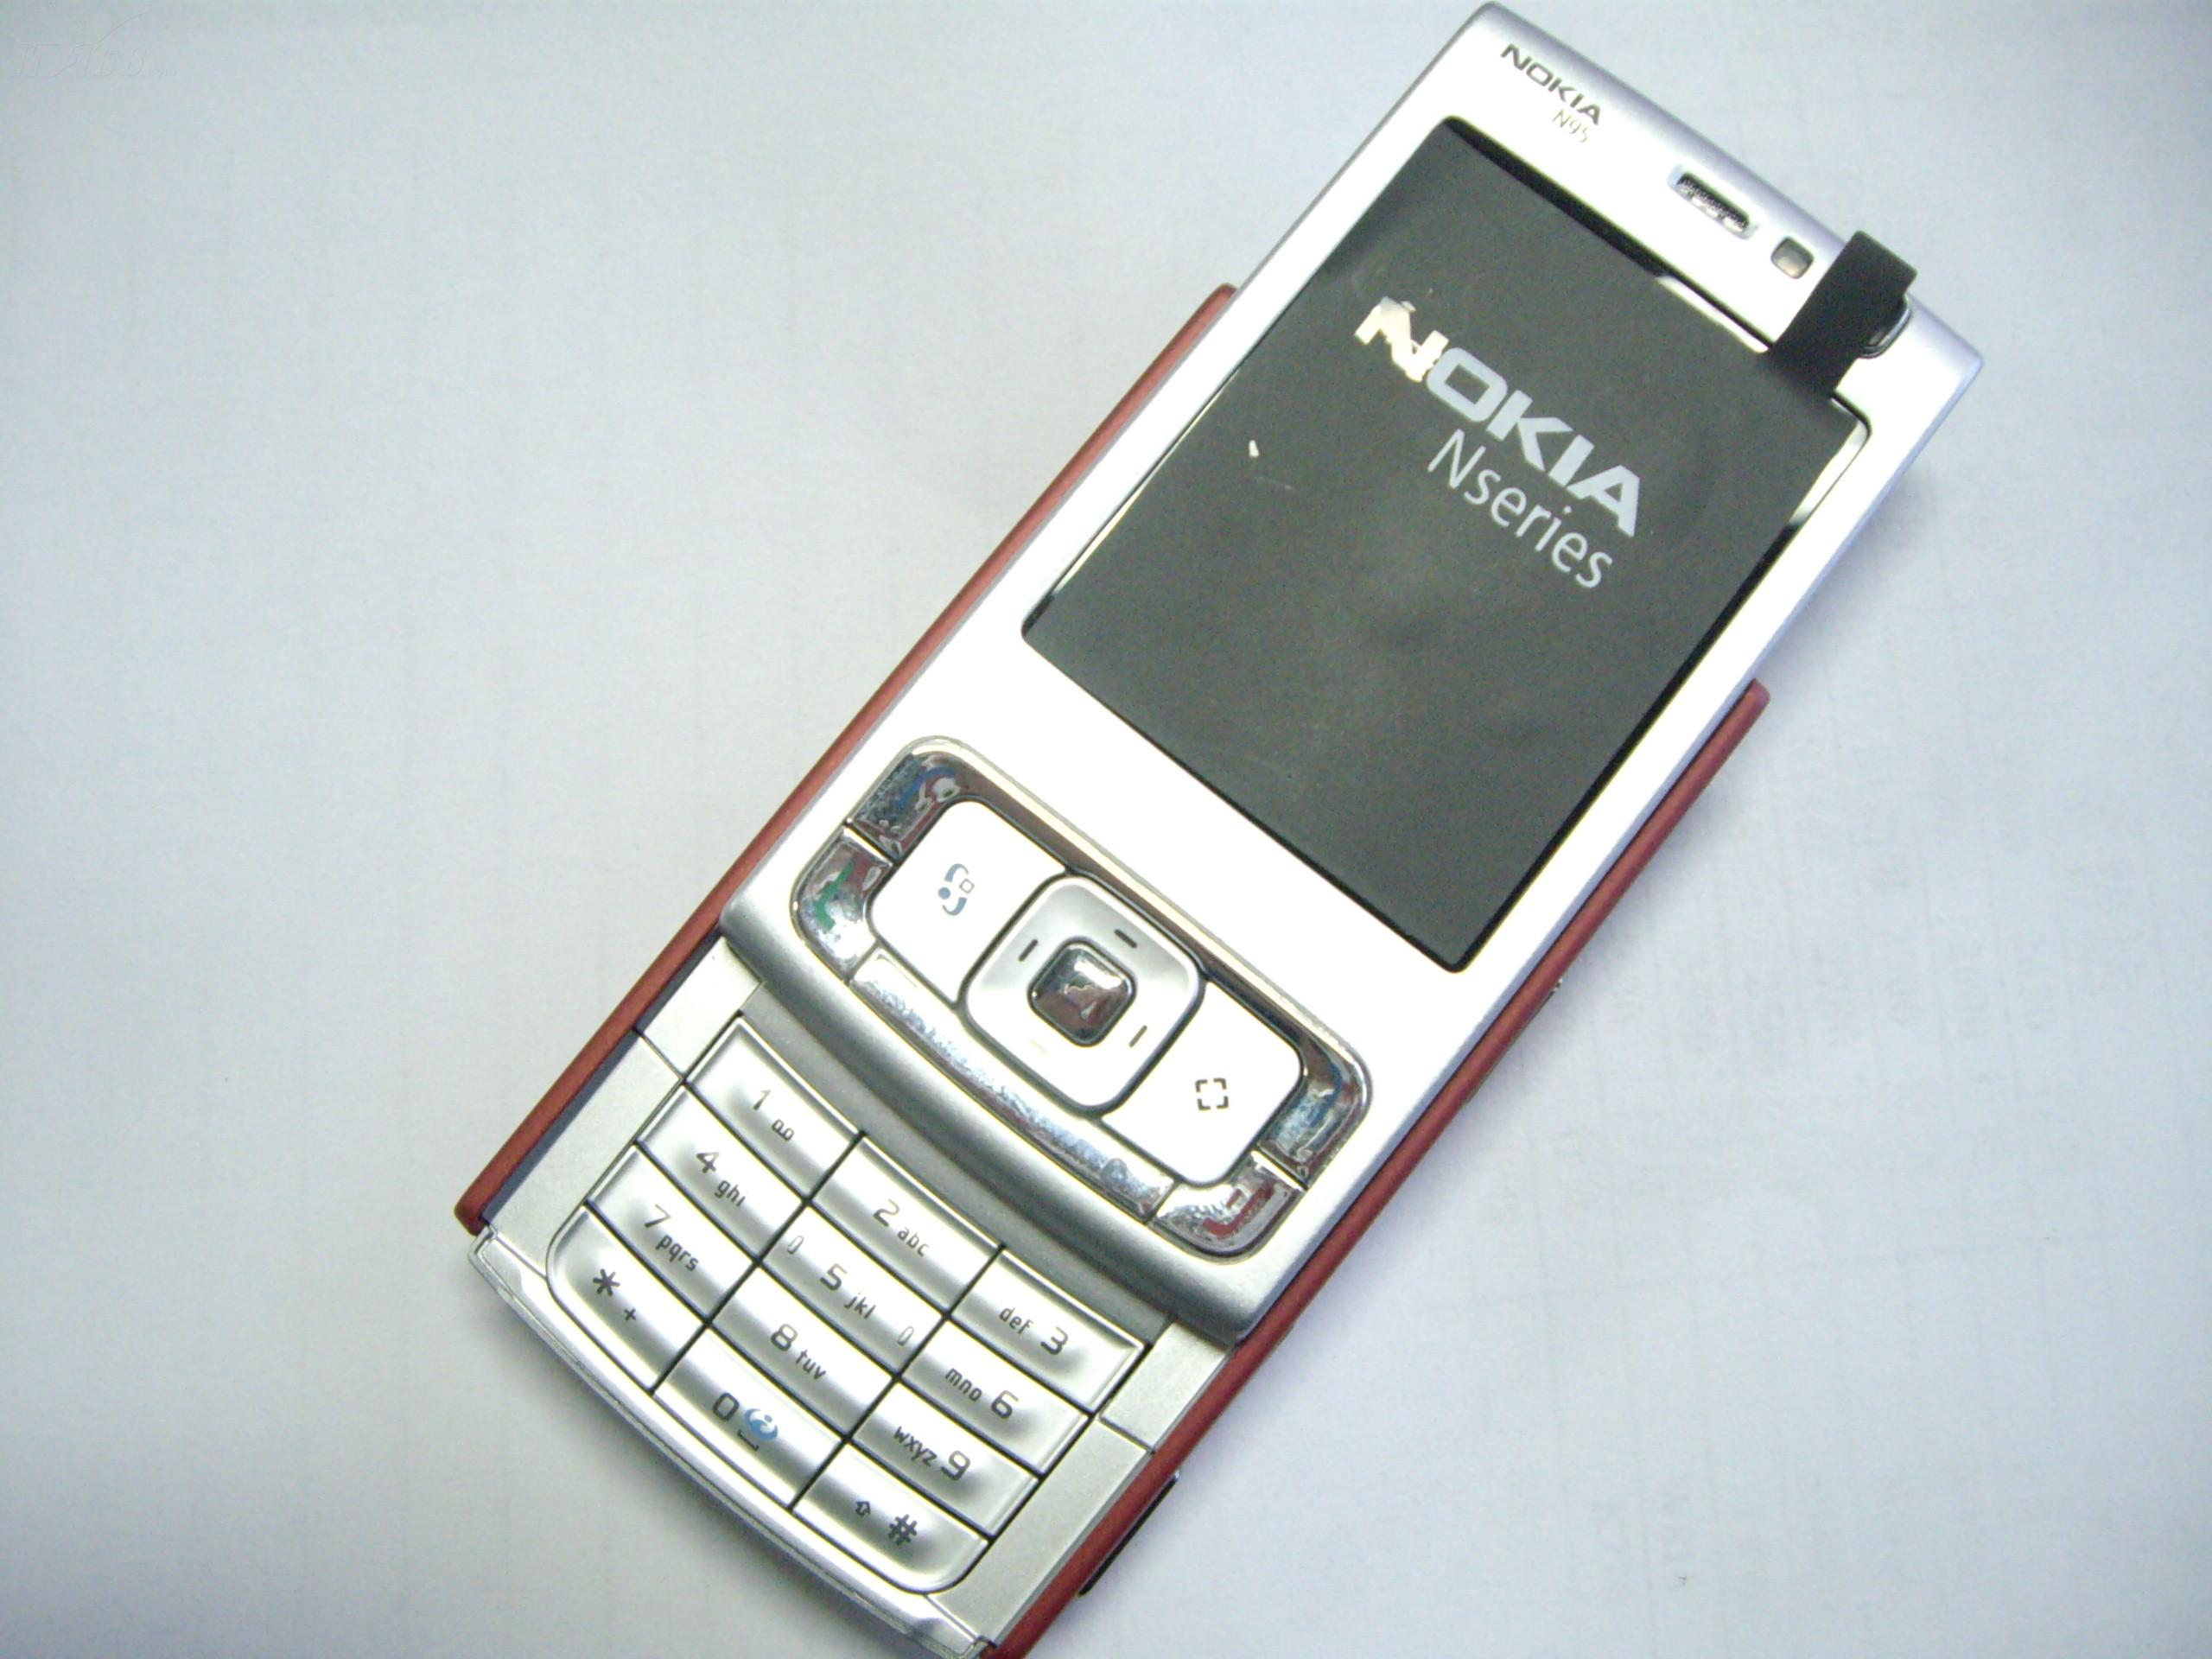 诺基亚n95手机产品图片314素材-it168手机图片大全